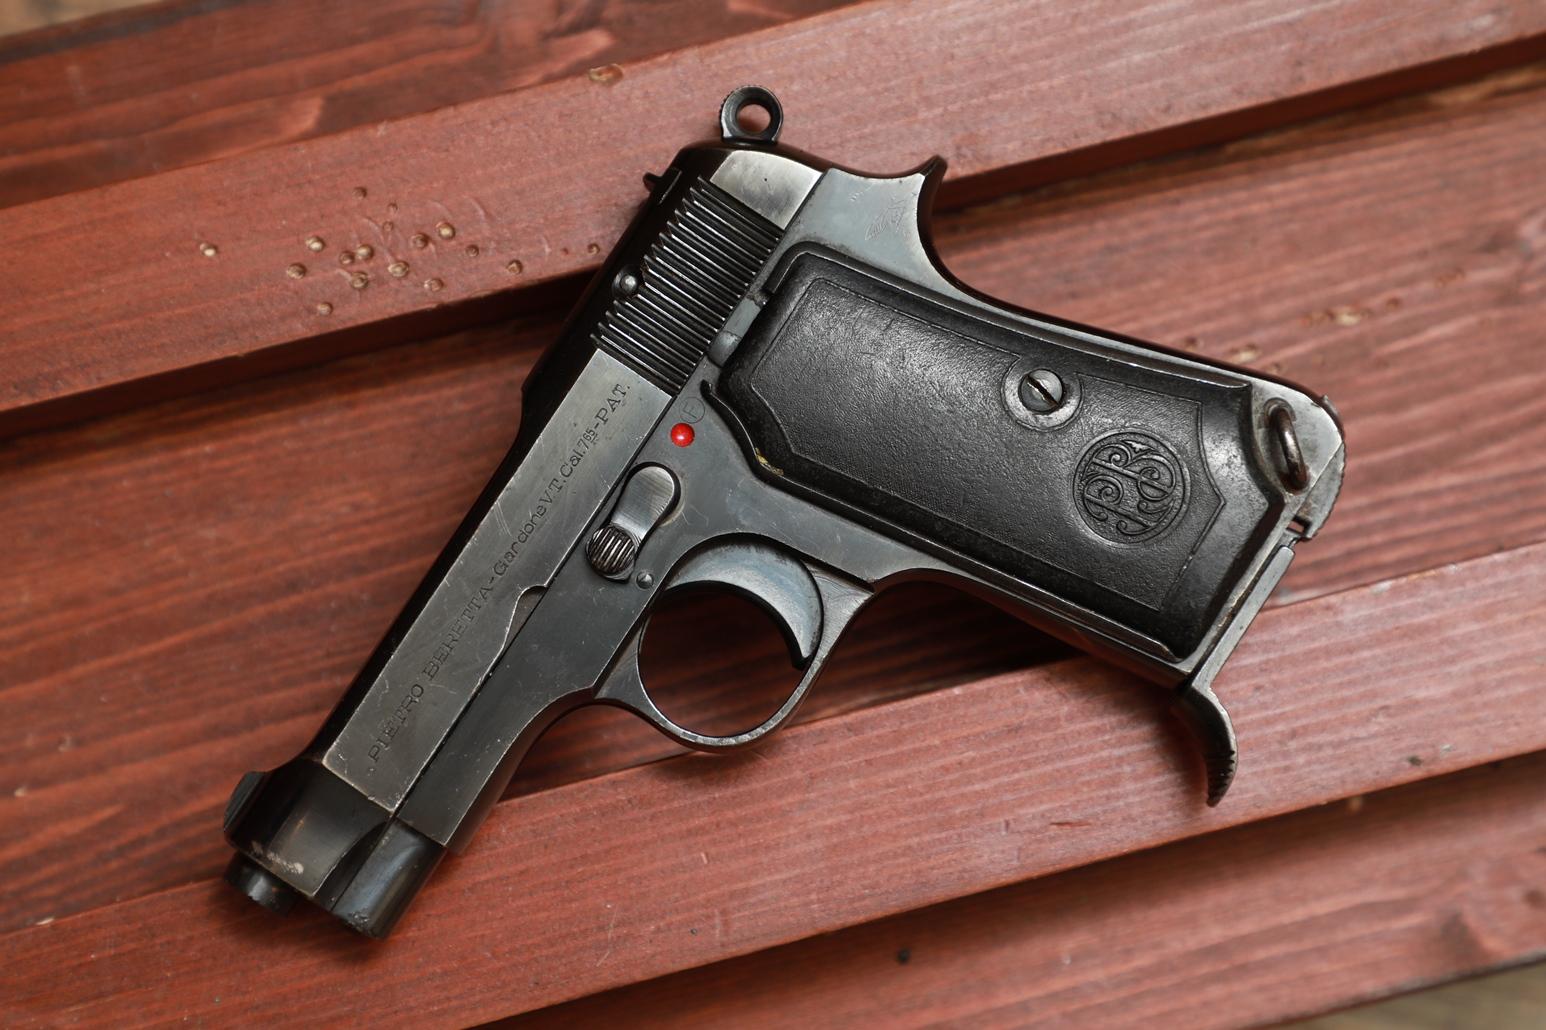 Фото Охолощенный пистолет Beretta M35 #816140